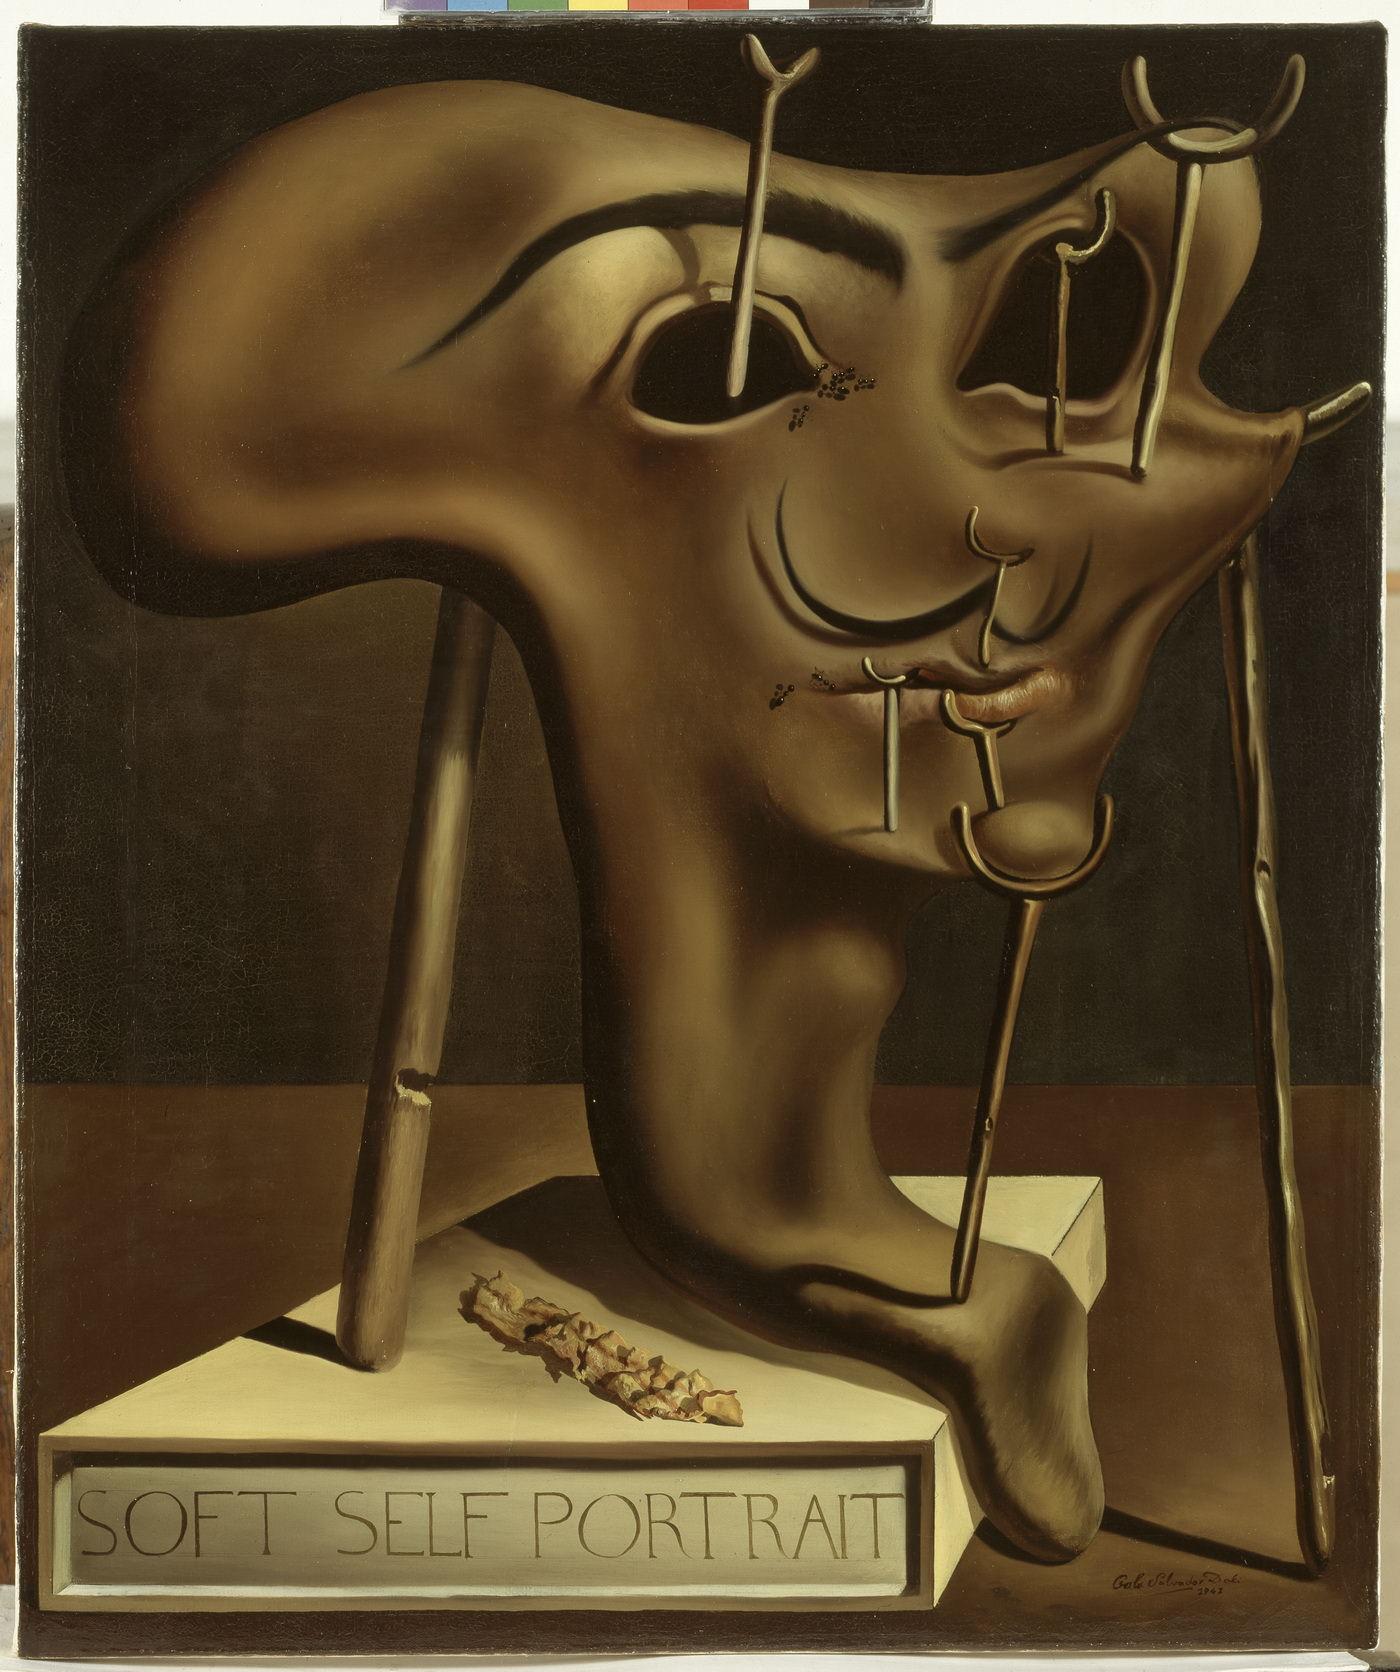 Мягкий автопортрет с жареным беконом. 1941. Холст, масло. 61 х 51 см. Фонд «Гала – Сальвадор Дали»